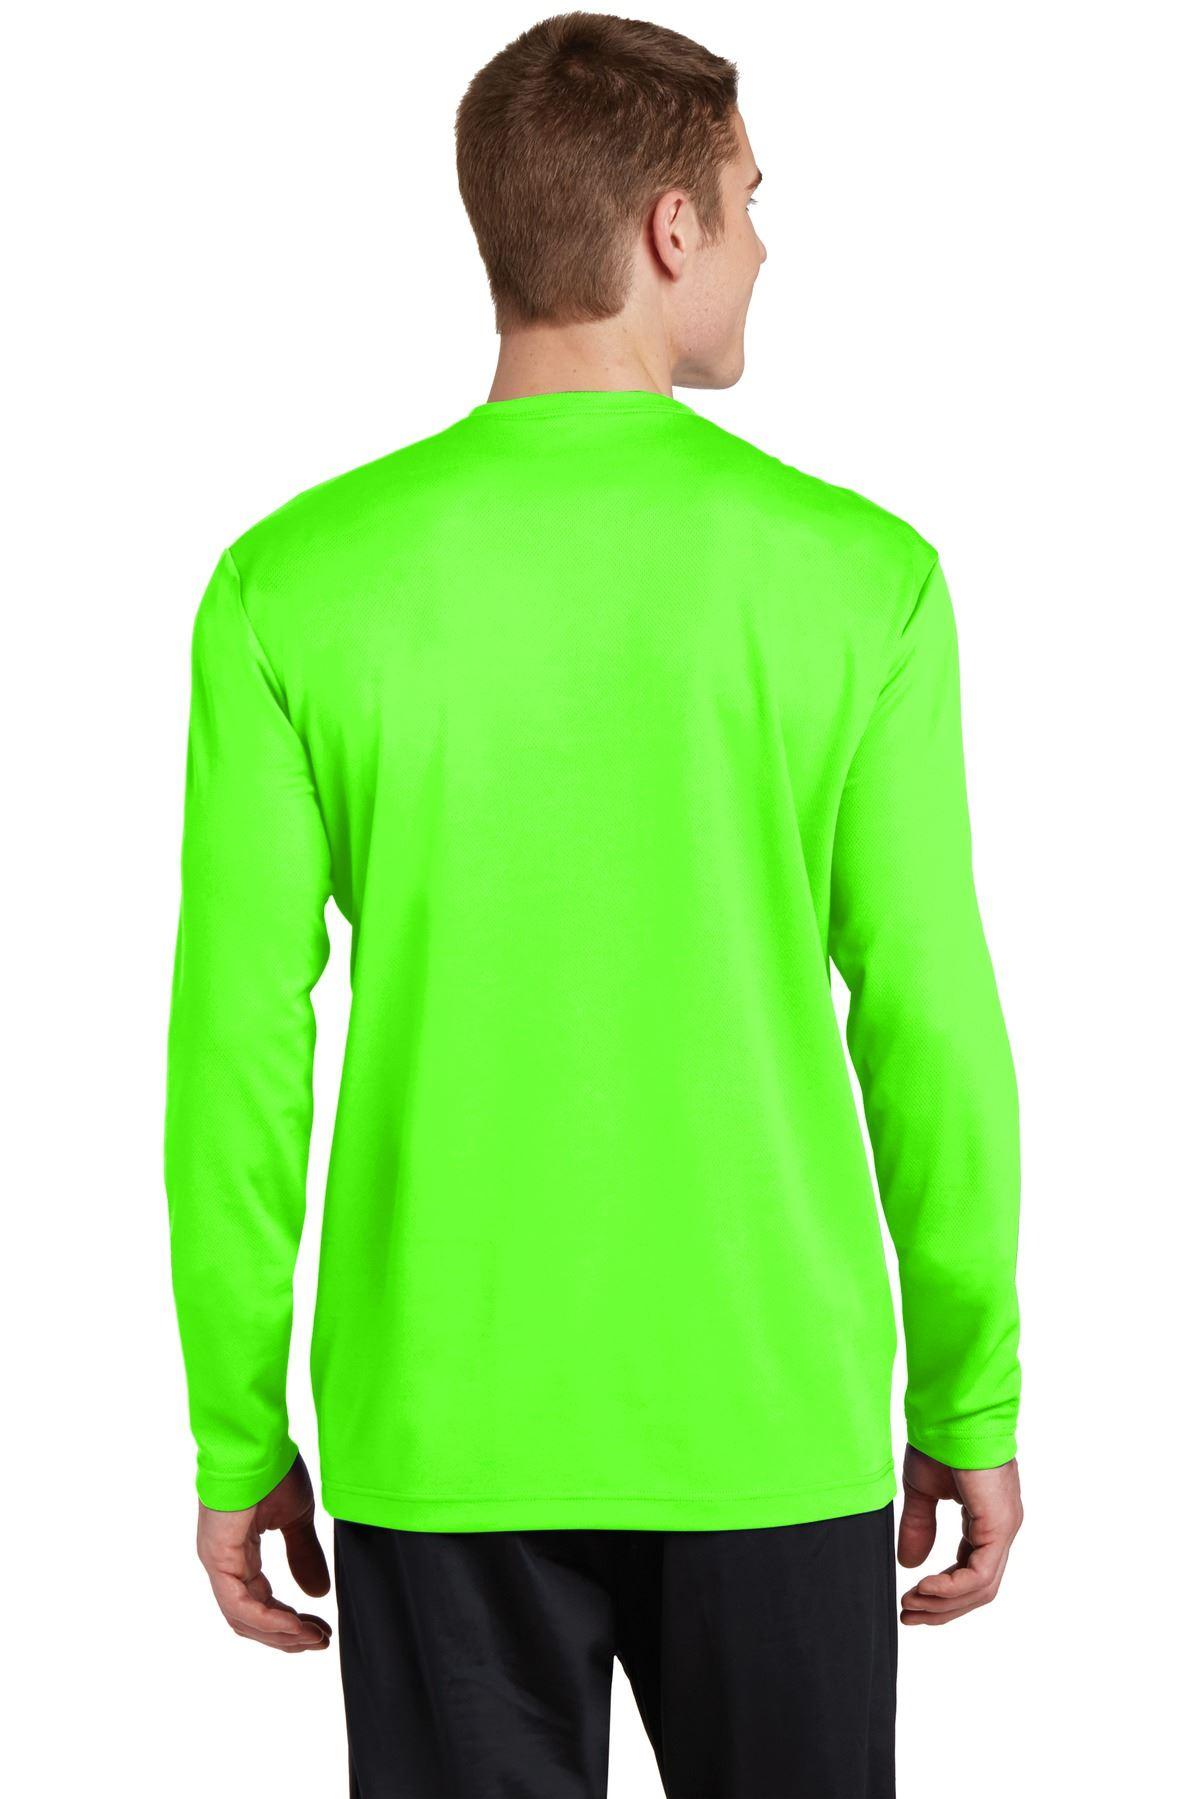 thumbnail 11 - Sport-Tek Men's Dry-Fit RacerMesh Moisture Wicking Long Sleeve T-Shirt ST340LS